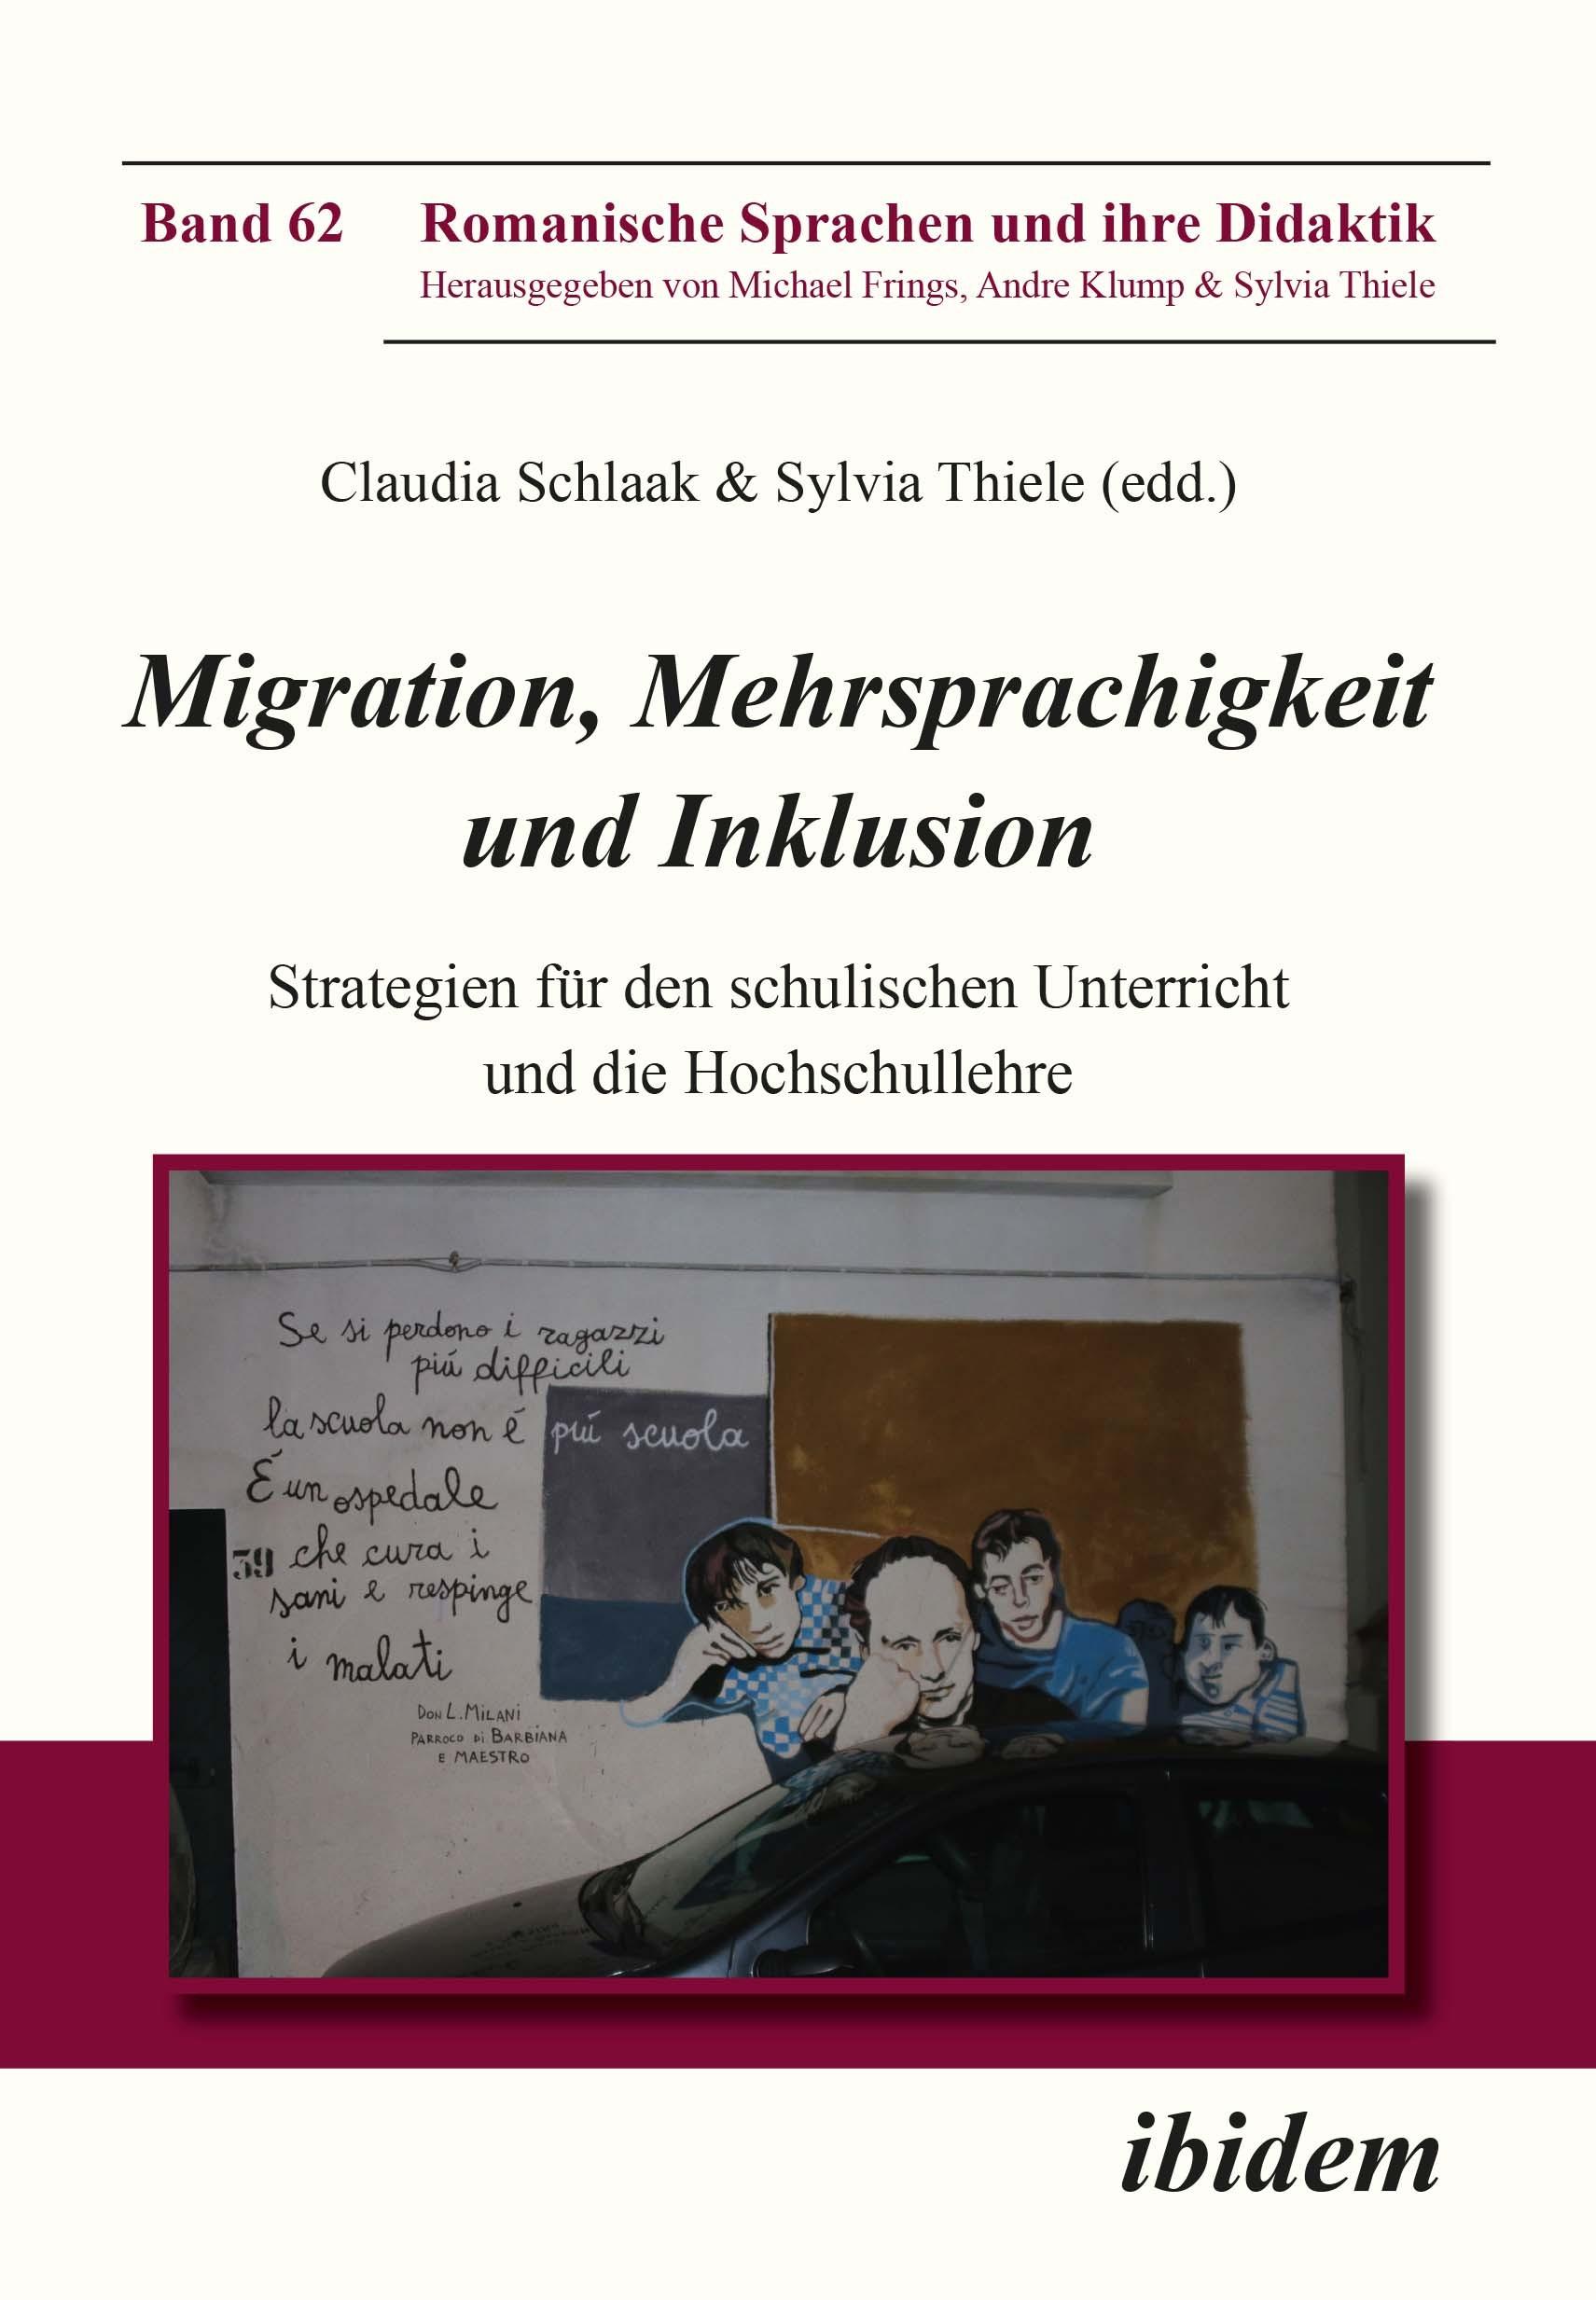 Migration, Mehrsprachigkeit und Inklusion